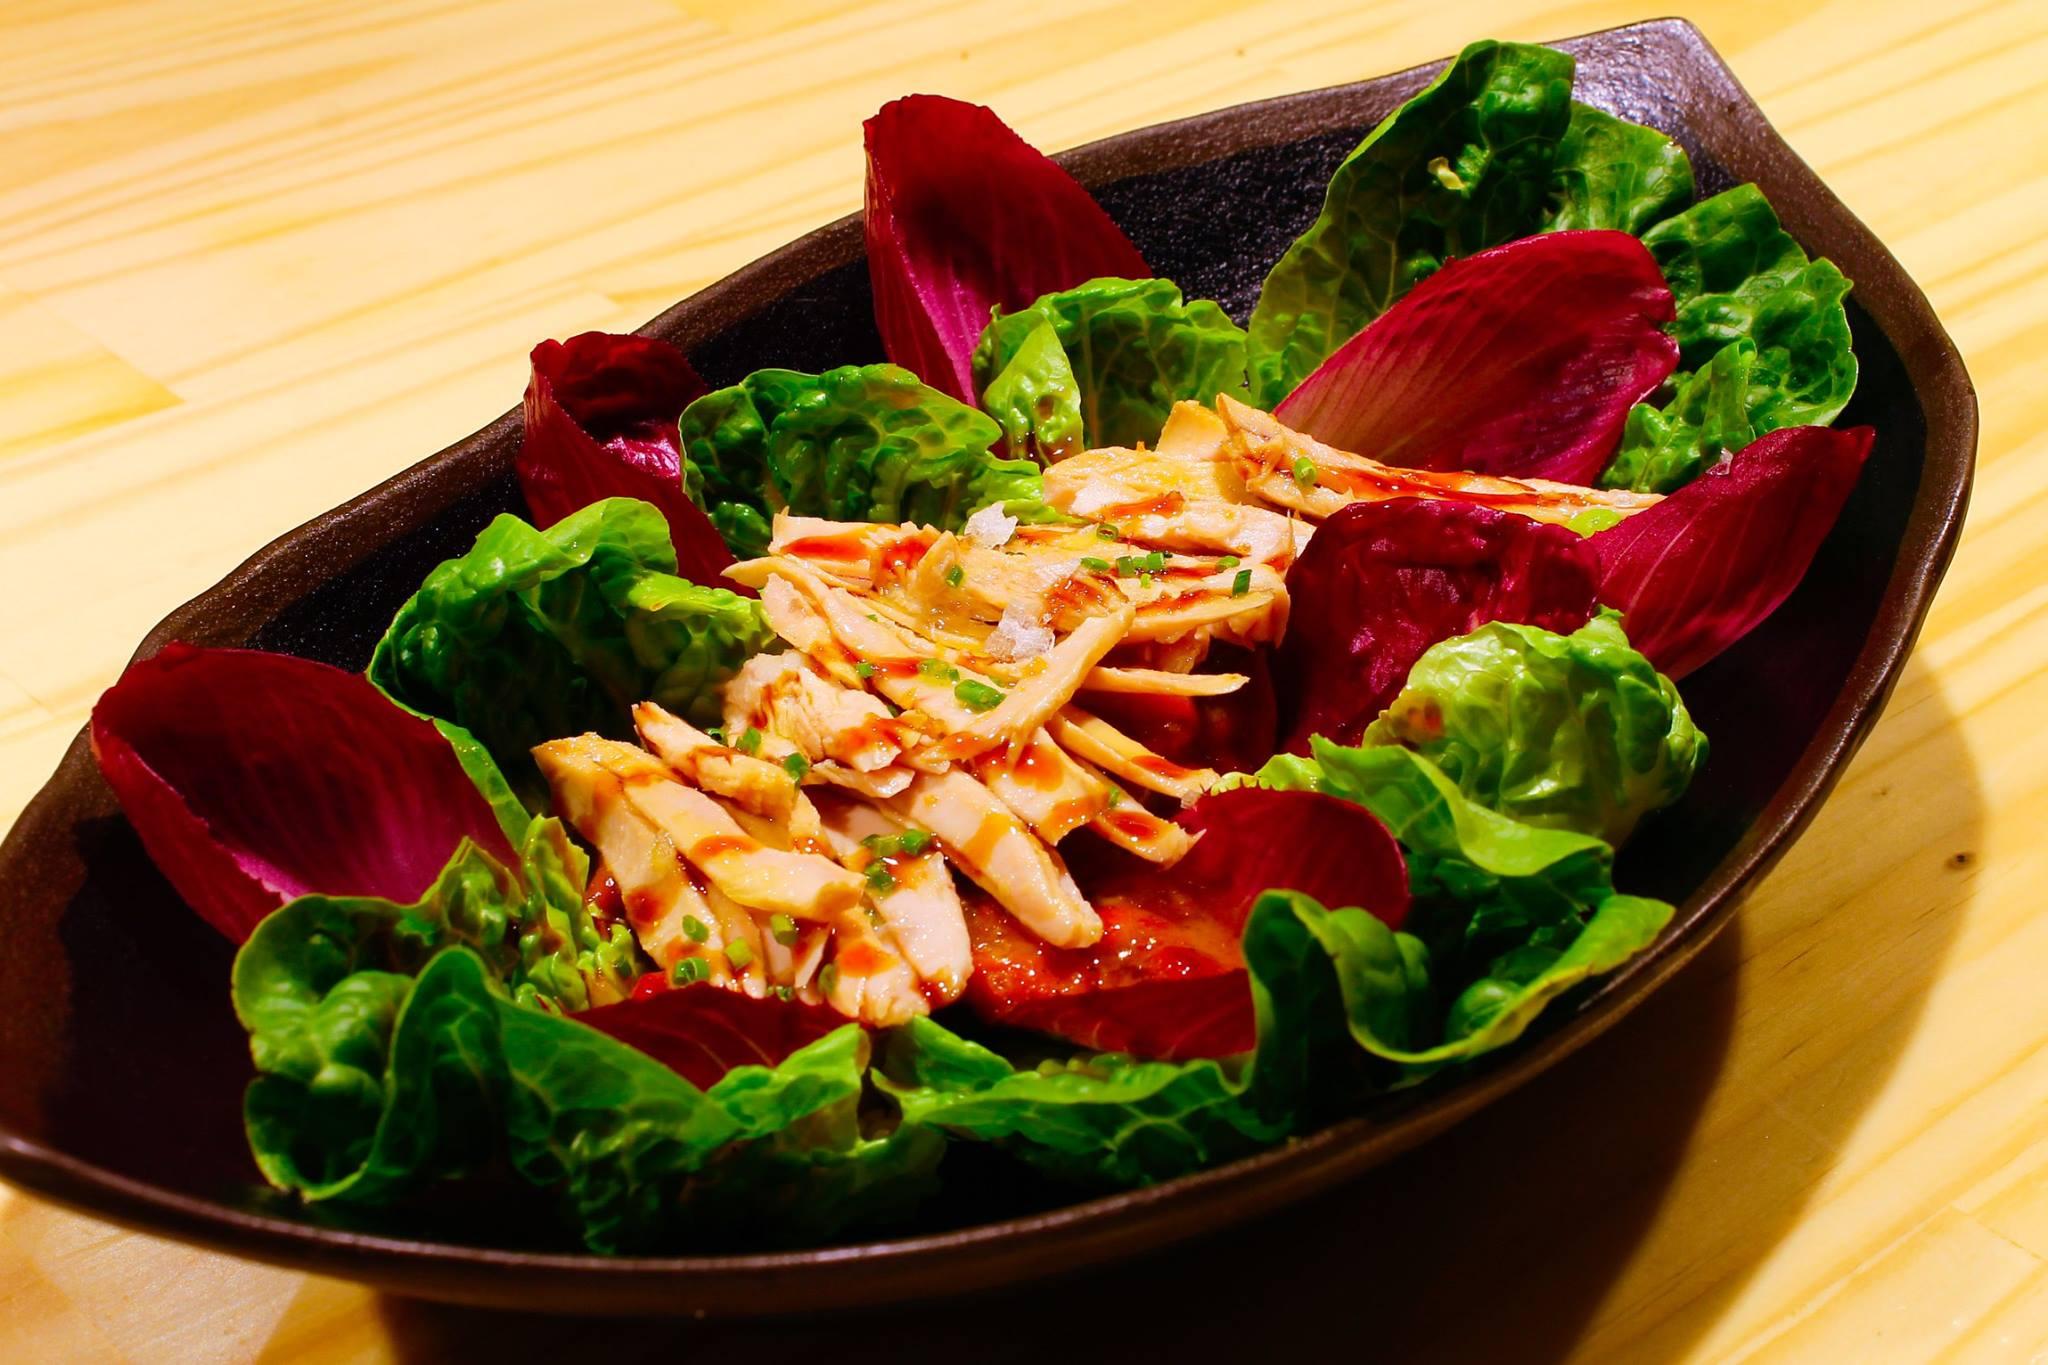 Ensalada con cogollos de lechuga, endivia morada, ventresca de bonito y pimientos asados al sarmiento y la encina. Foto: El Sacacorchos.